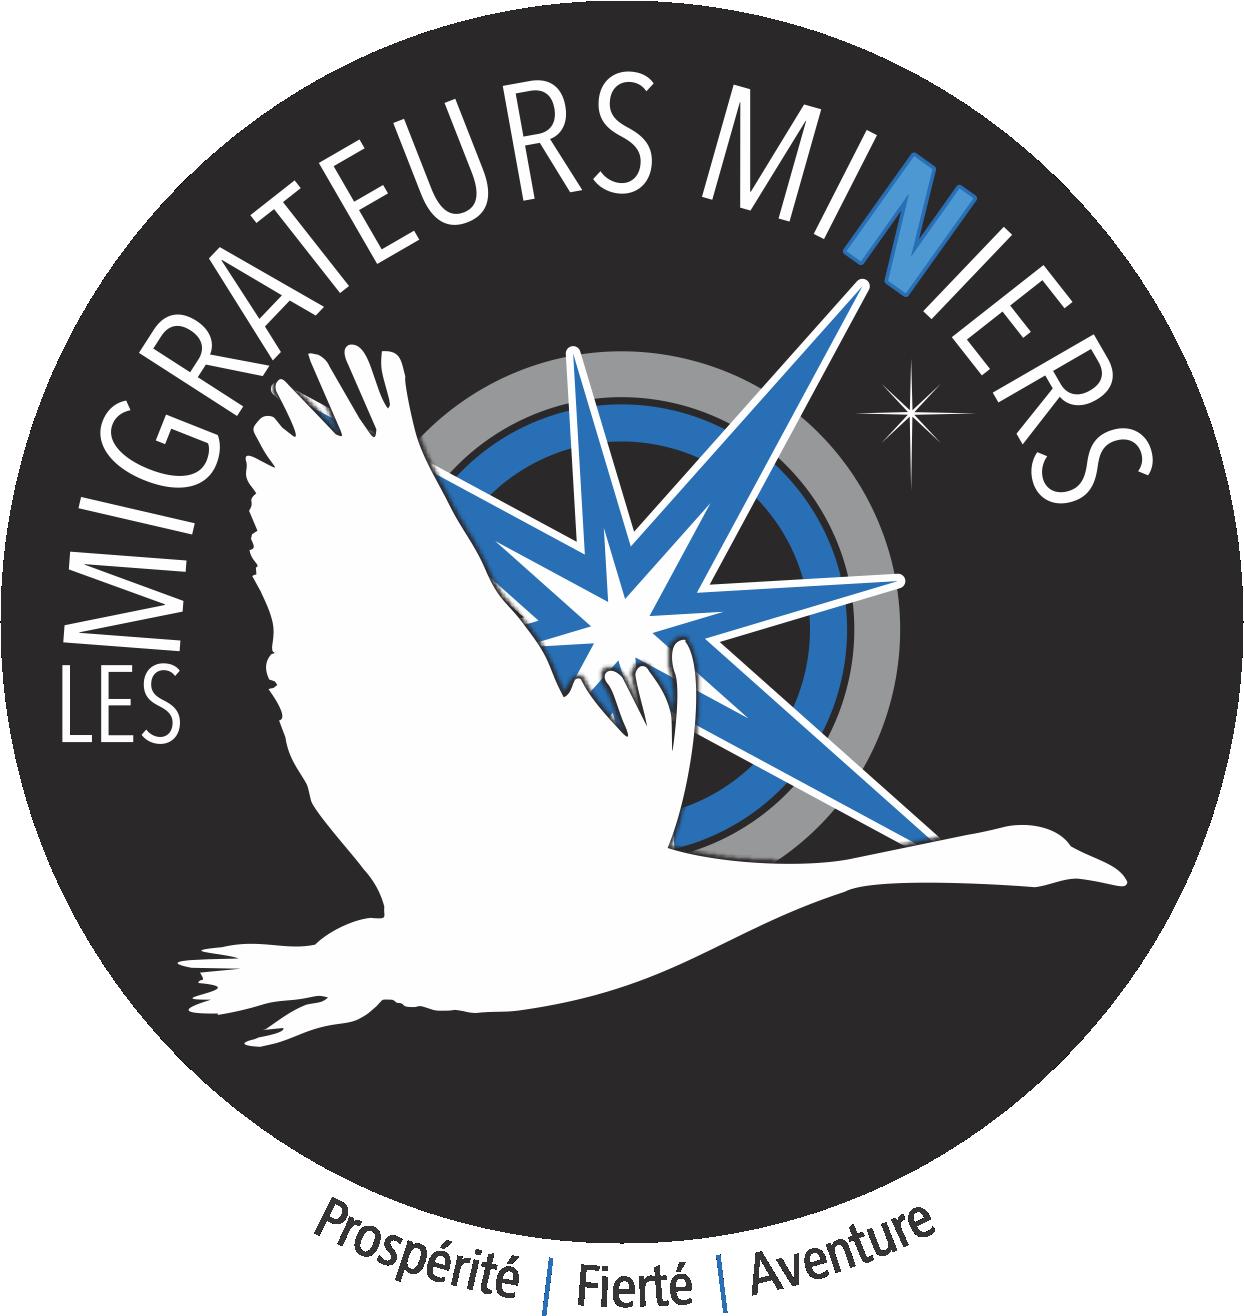 Les Migrateurs miniers